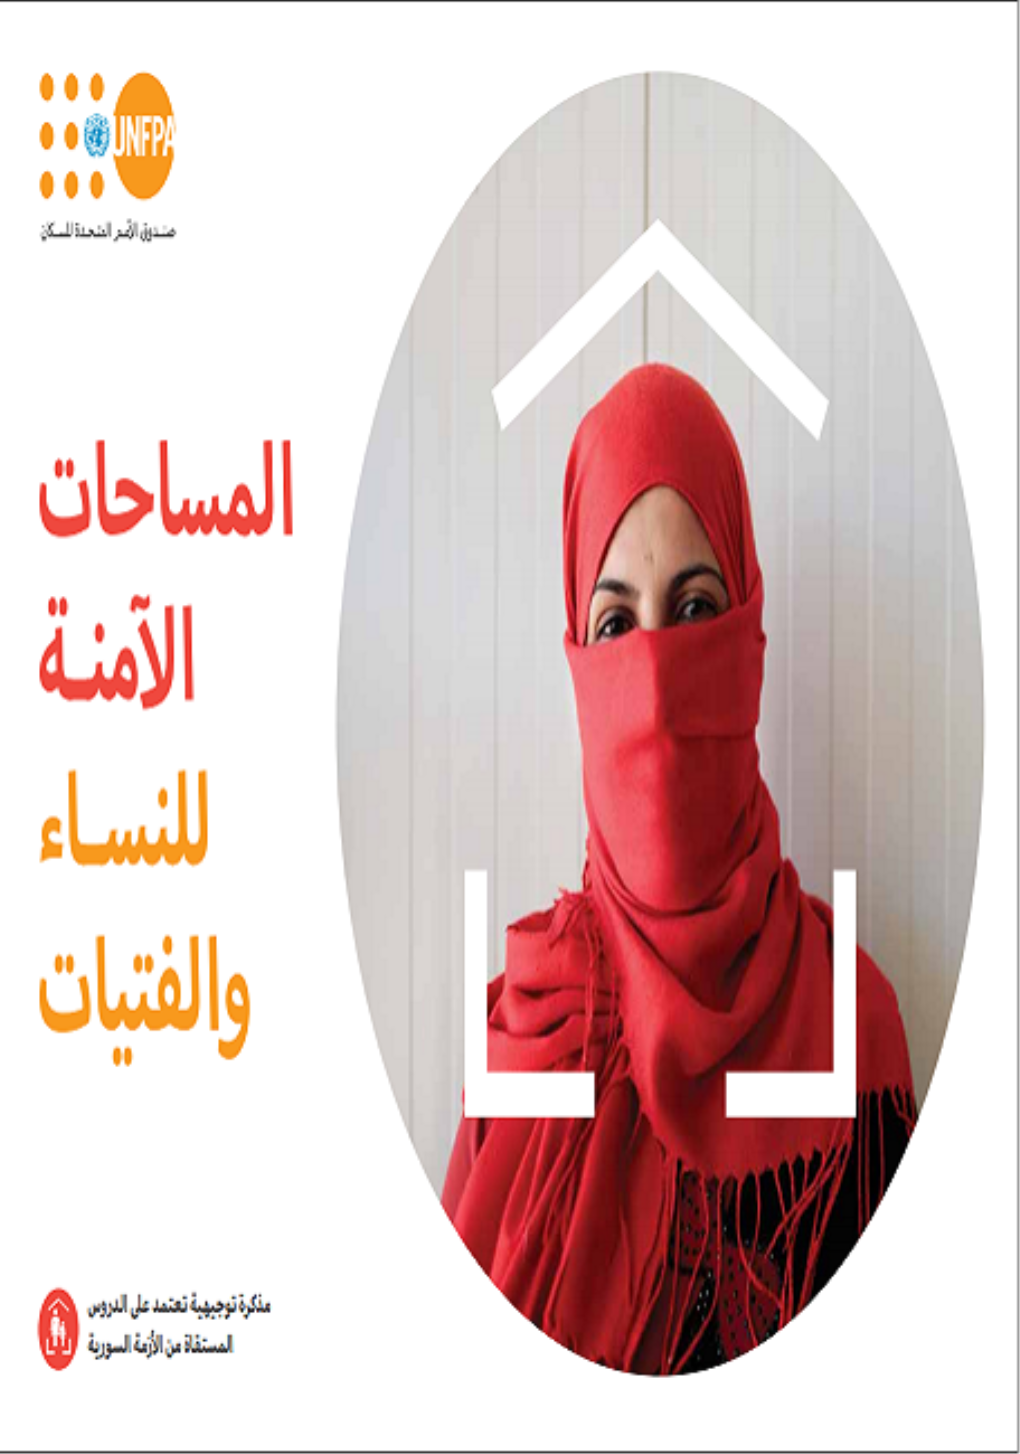 المساحات الأمنة للنساء والفتيات